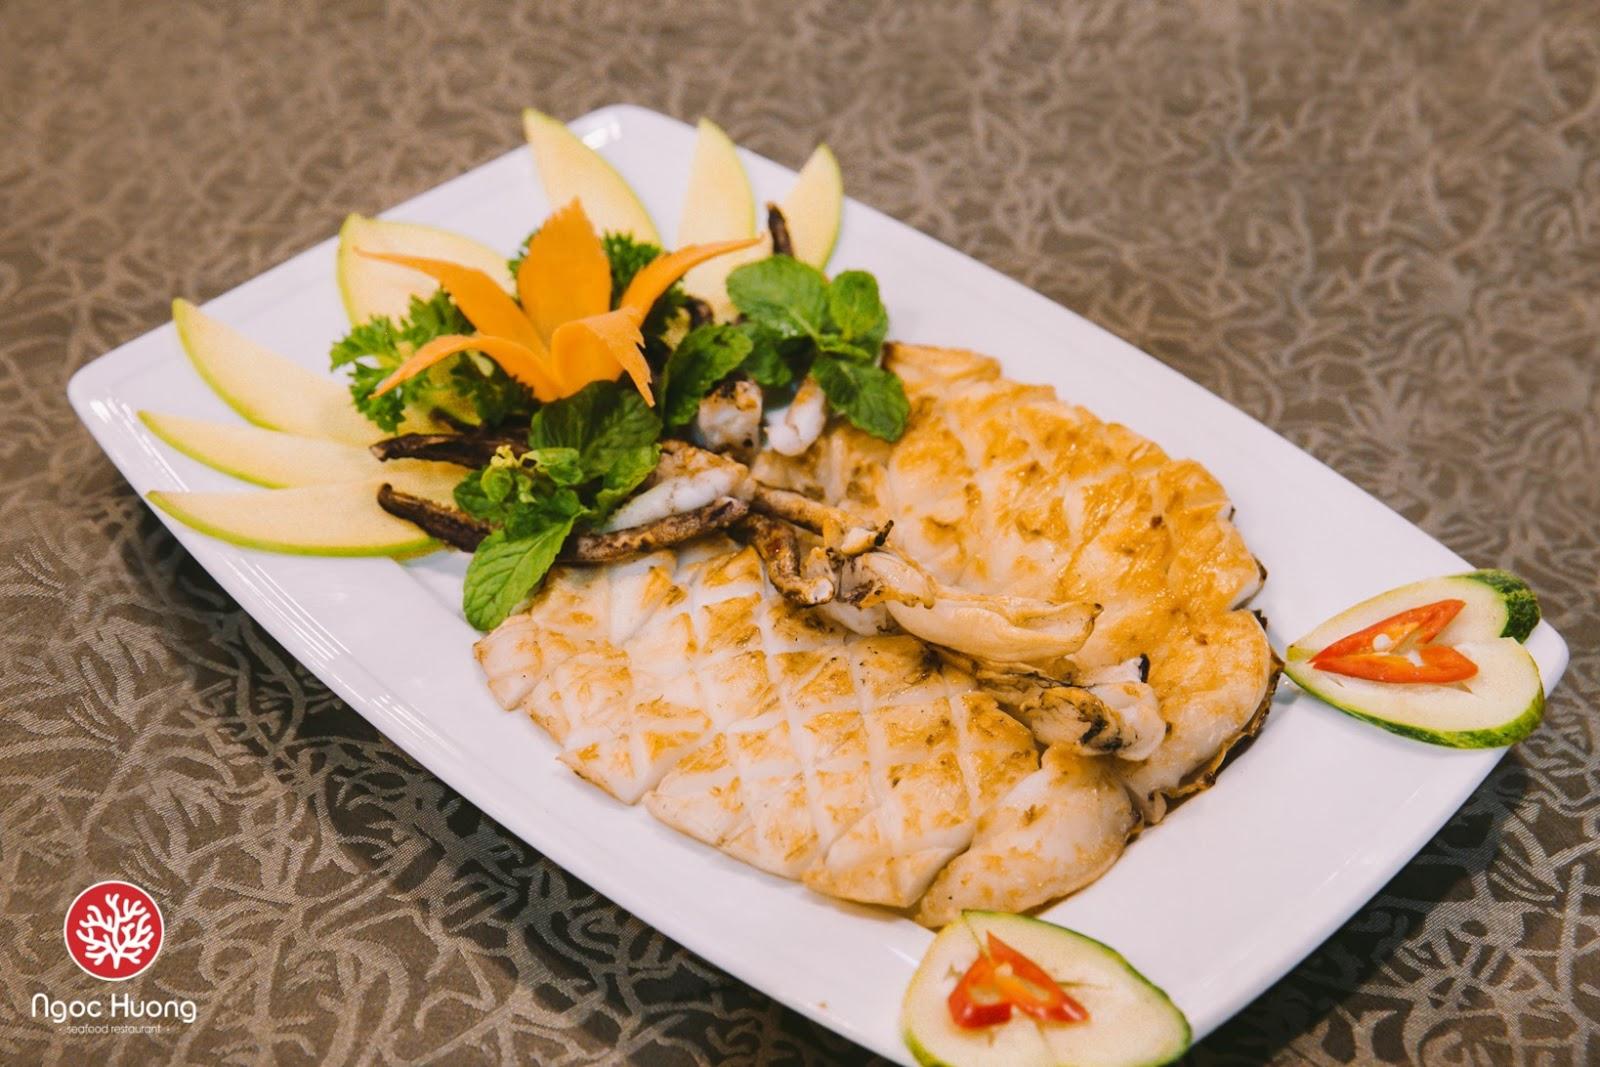 Mực nướng tại nhà hàng hải sản Ngọc Hương rất ít dầu mỡ và calo